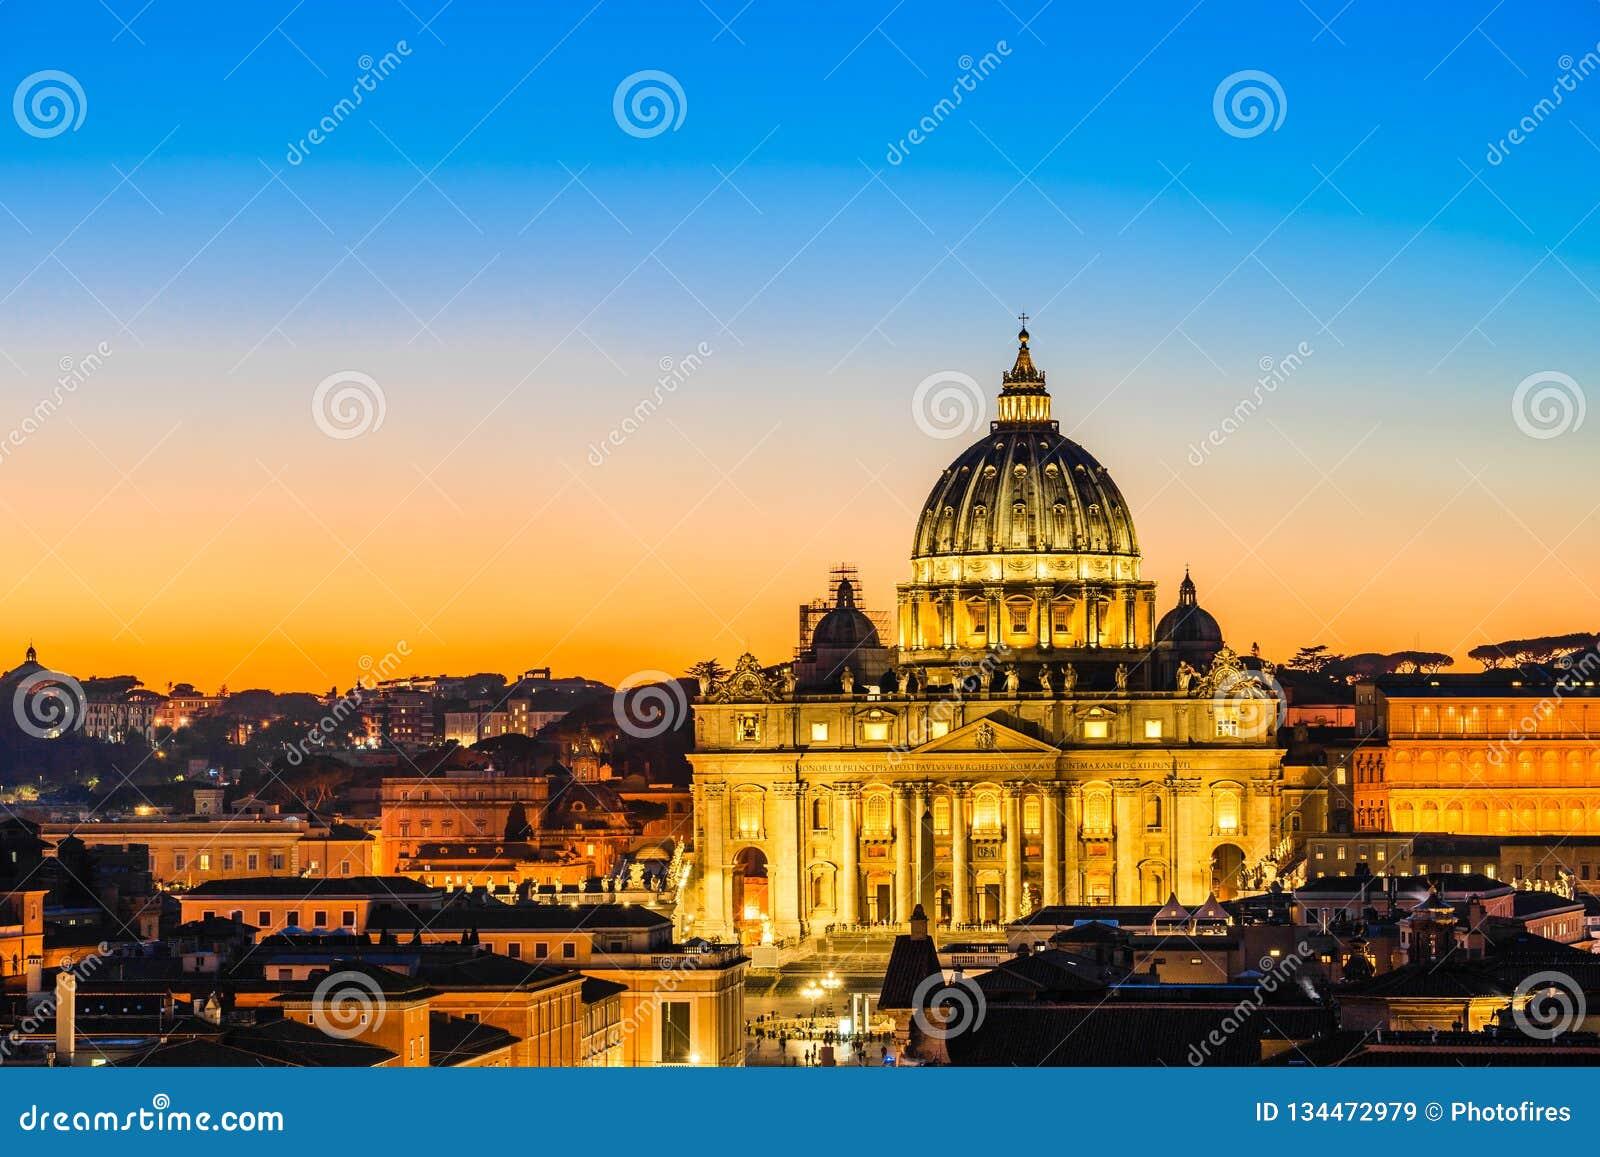 Nachtansicht von St Peter Basilika in der Vatikanstadt, Rom, Italien